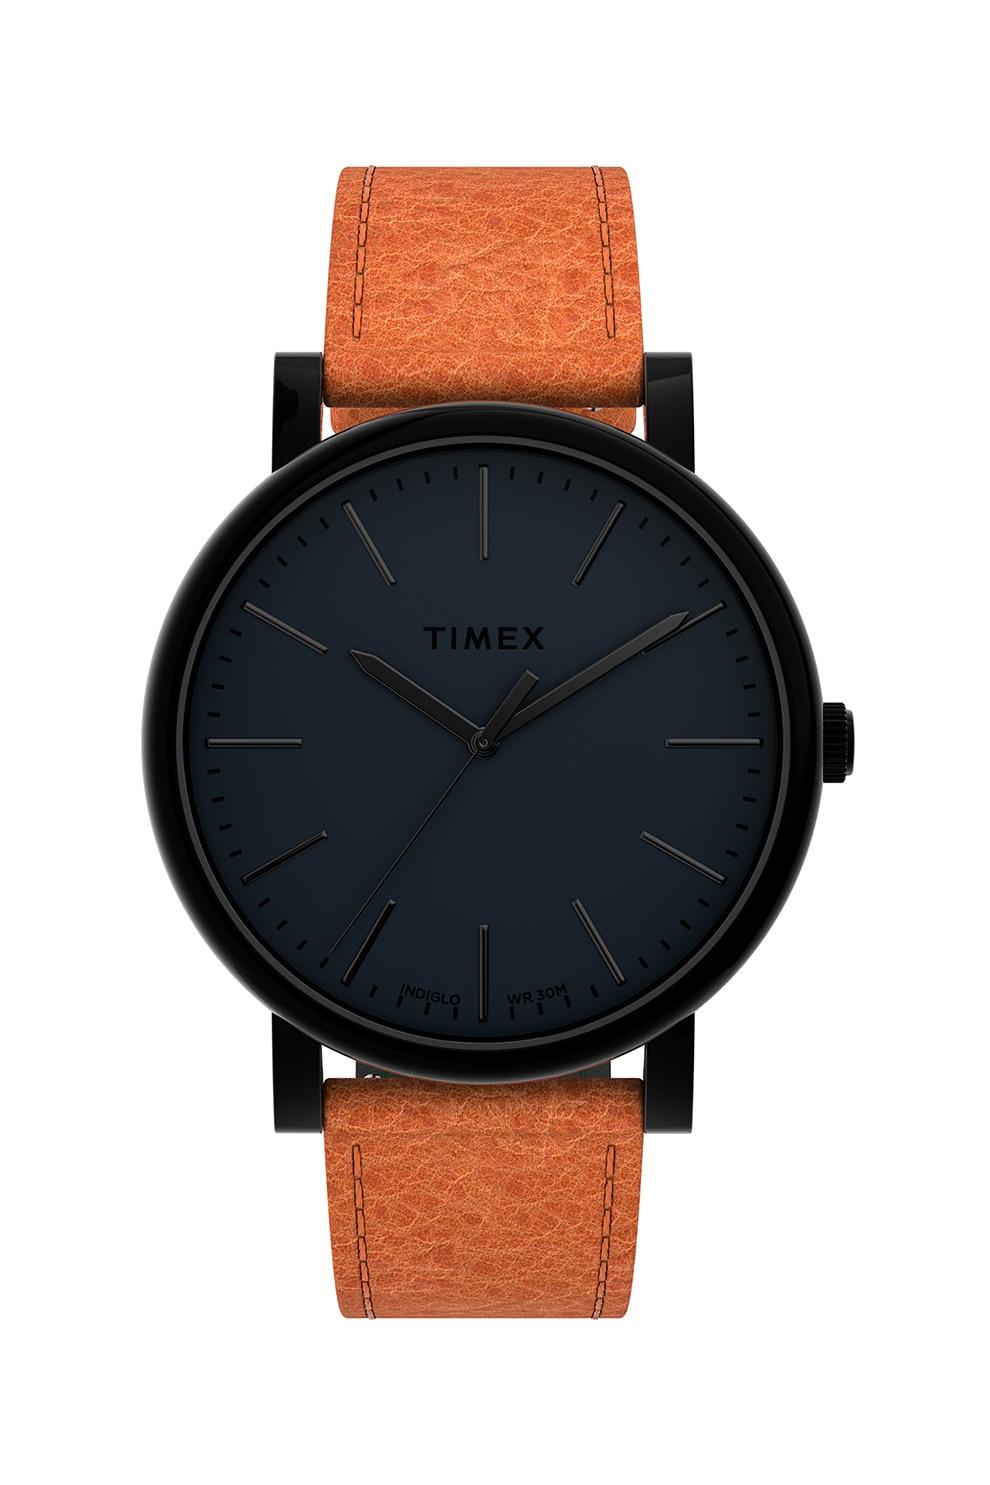 Fotografie Timex, Ceas analog cu o curea cu aspect texturat, Maro caramel